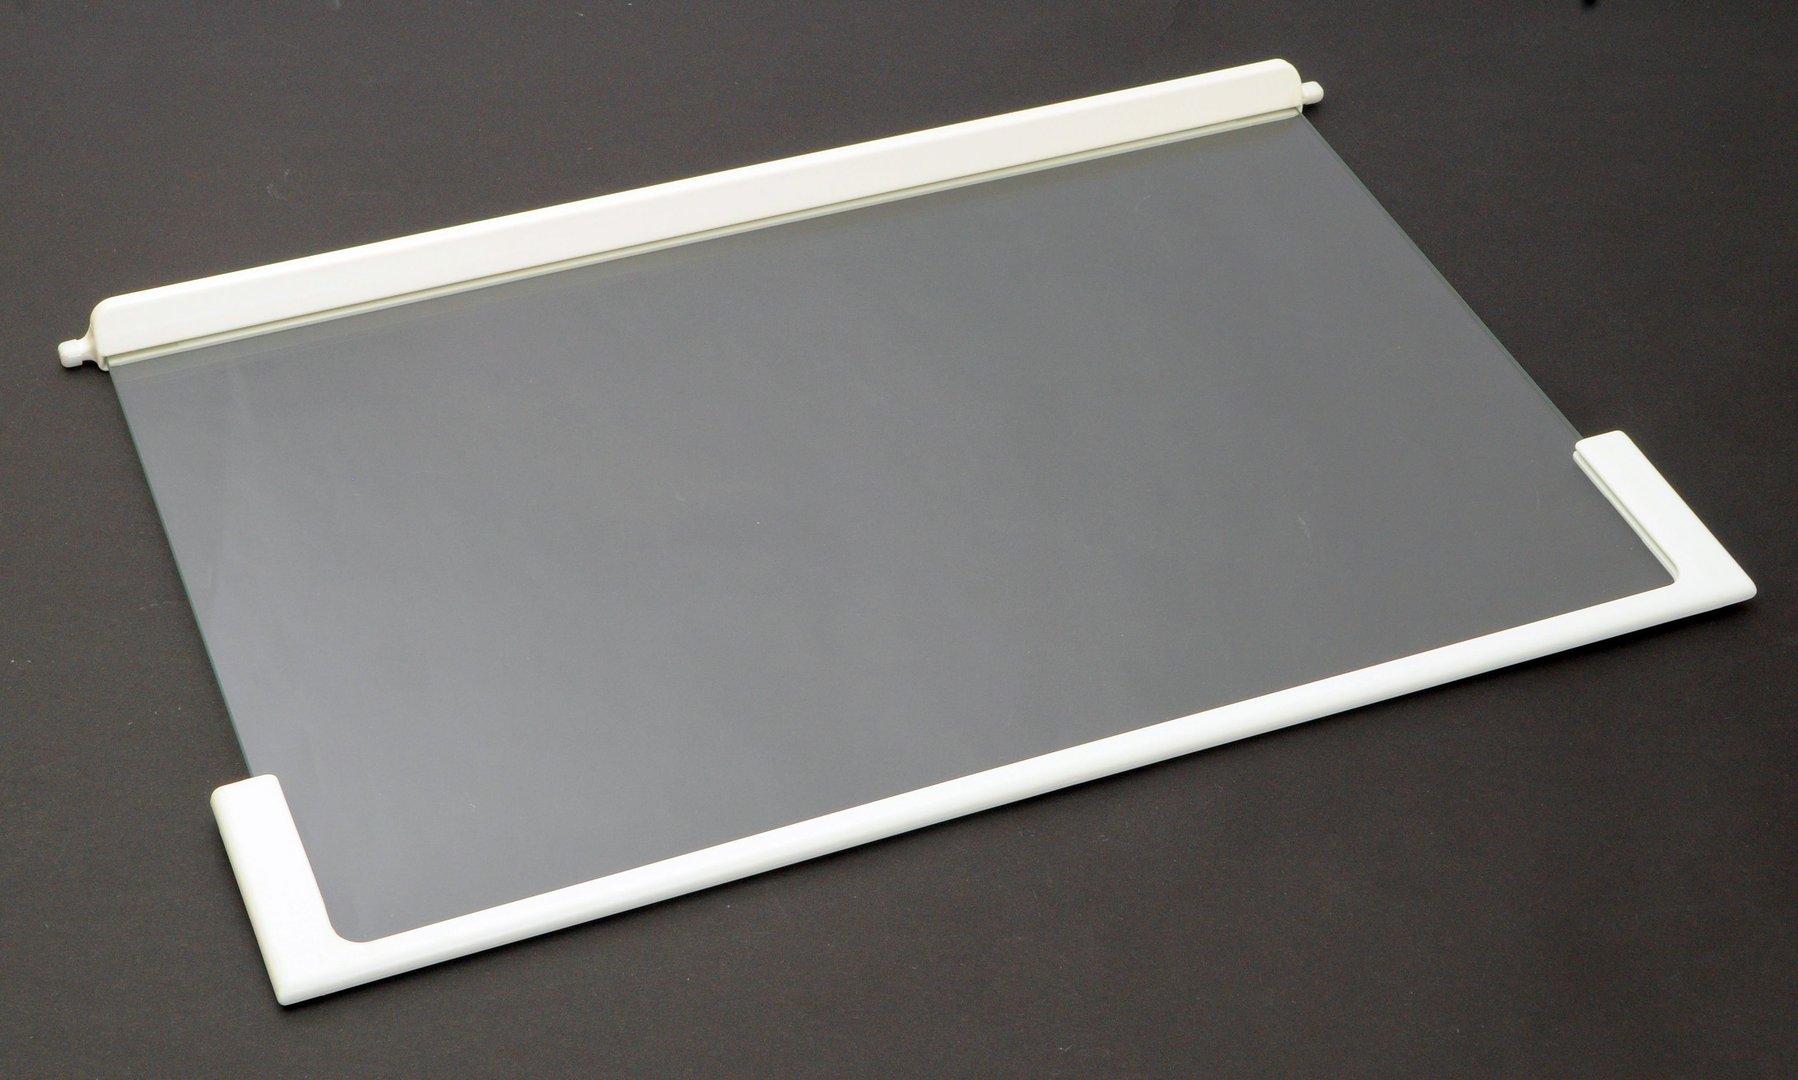 Kühlschrank Zubehör Leiste : Liebherr kühlschrank glasplatte ablage kompl mit leisten